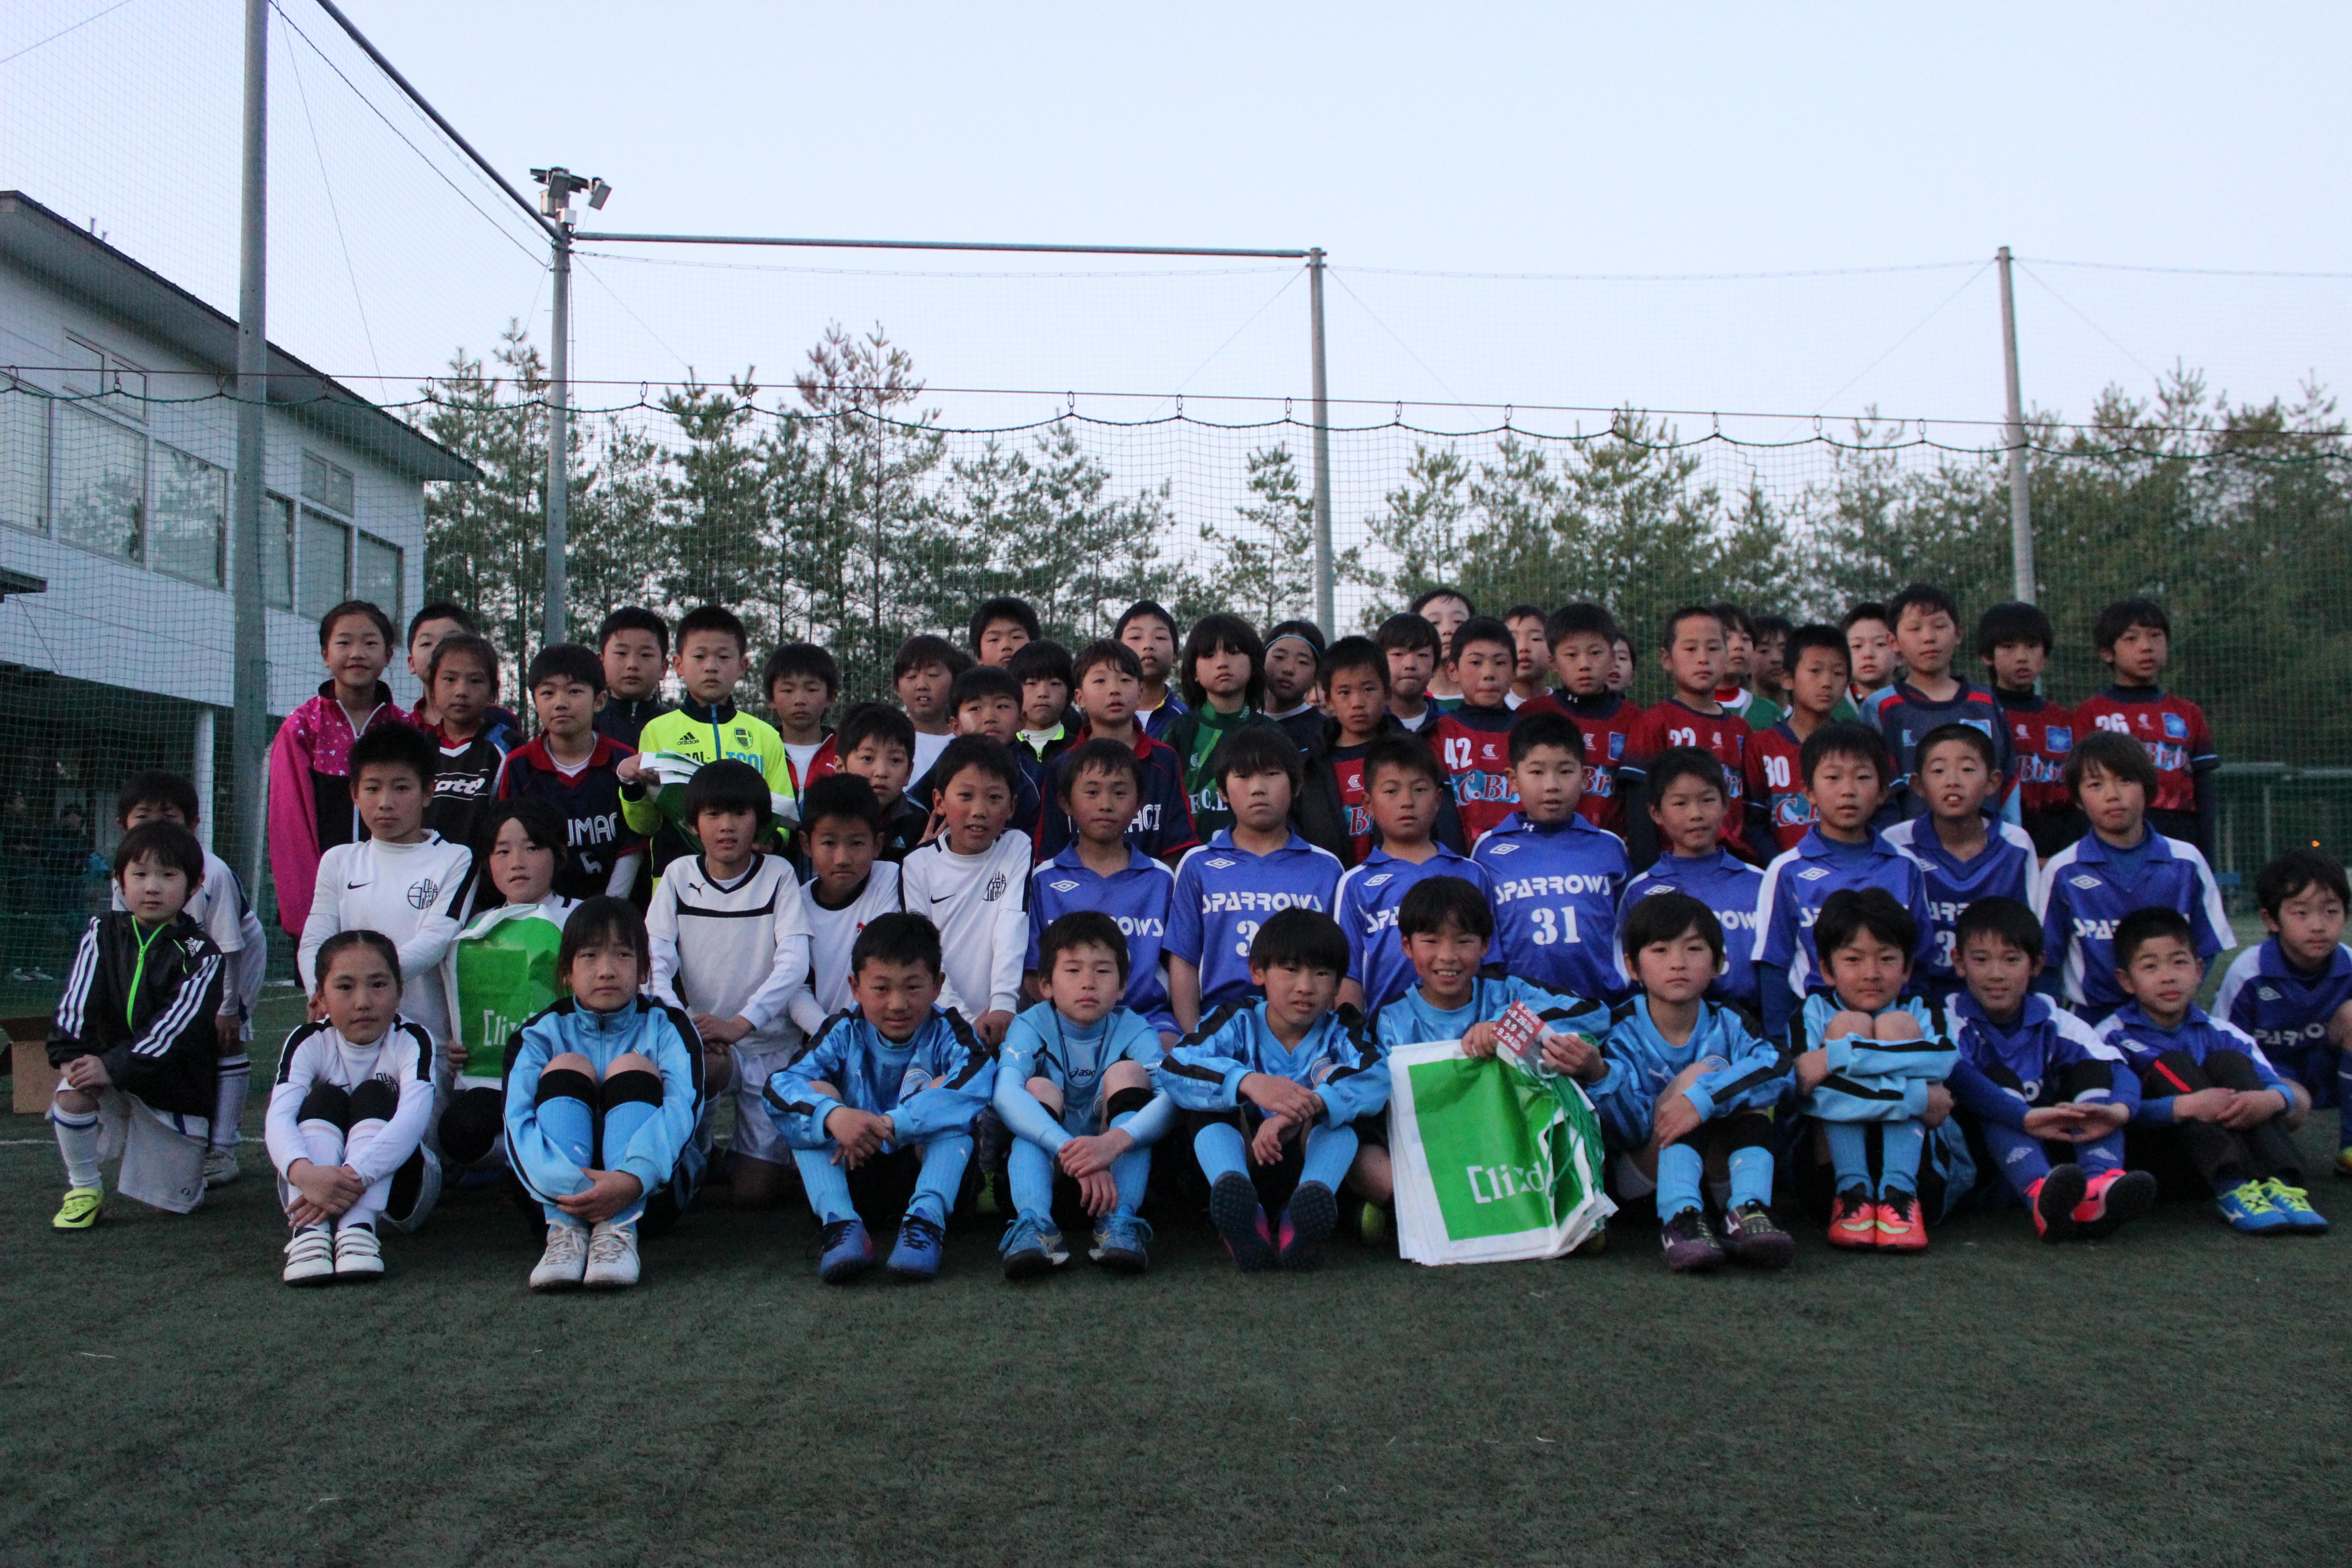 第12回リードCUP U10の部 開催!!